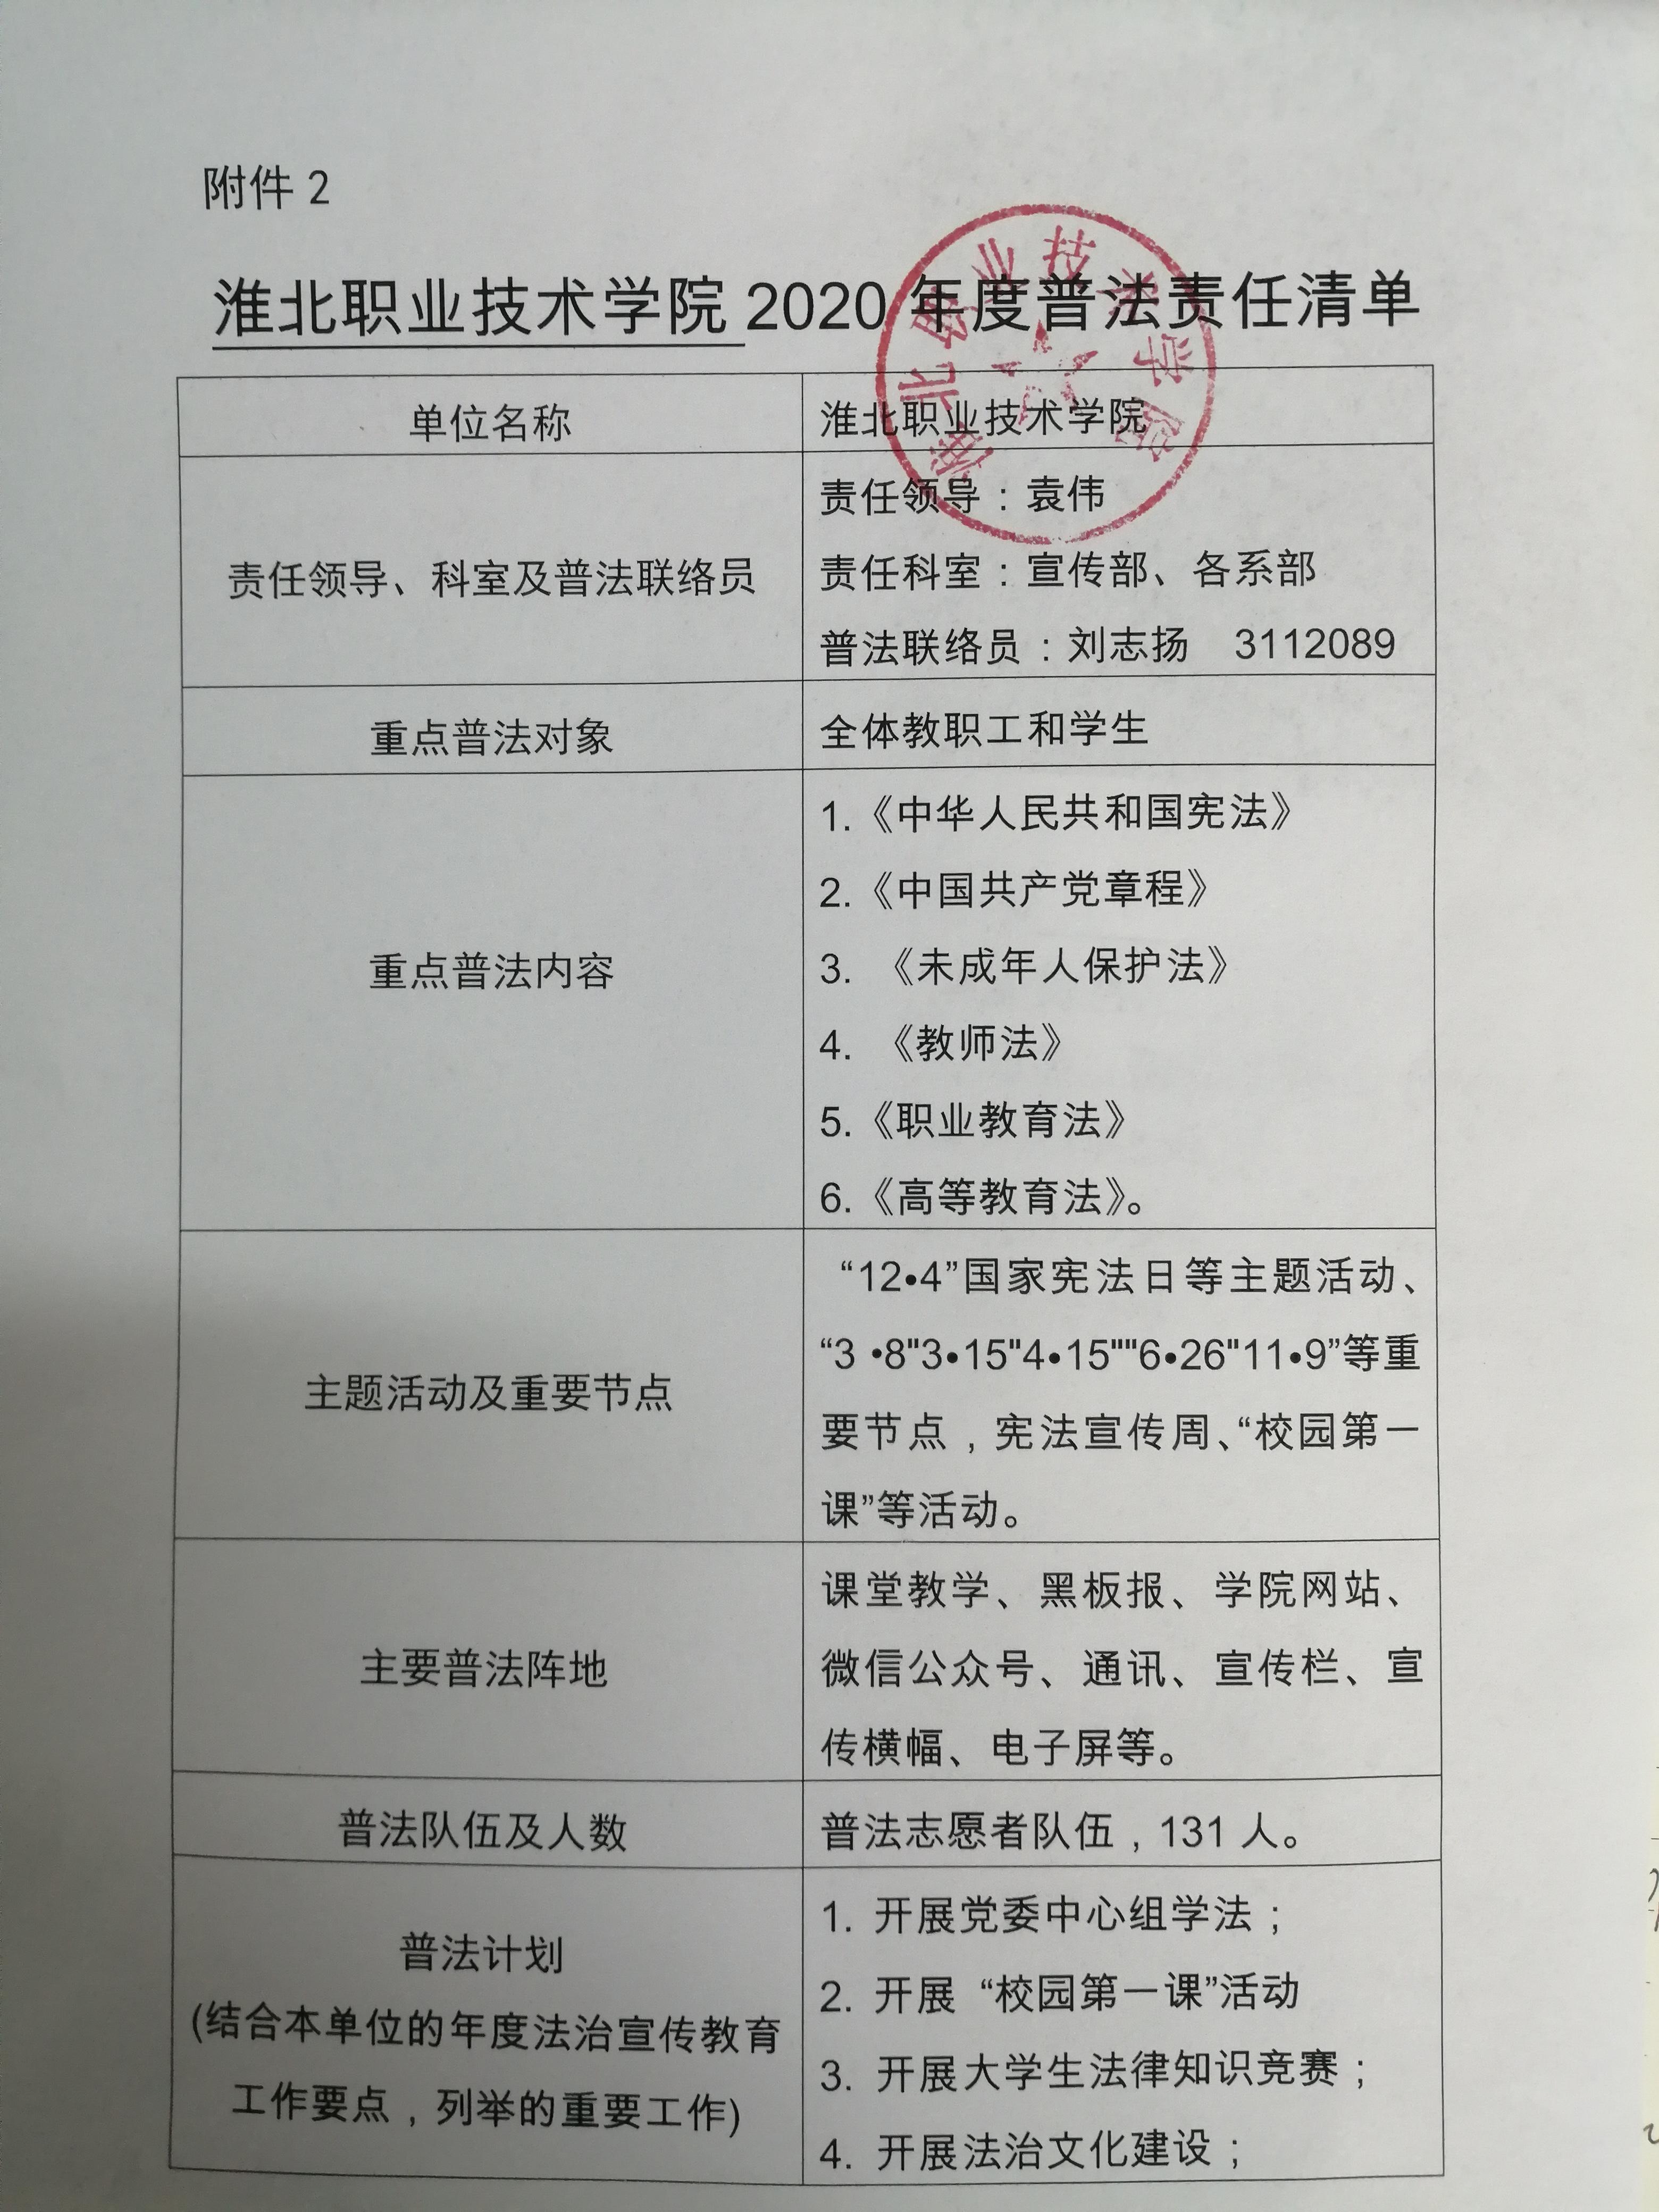 普法责任清单1.jpg